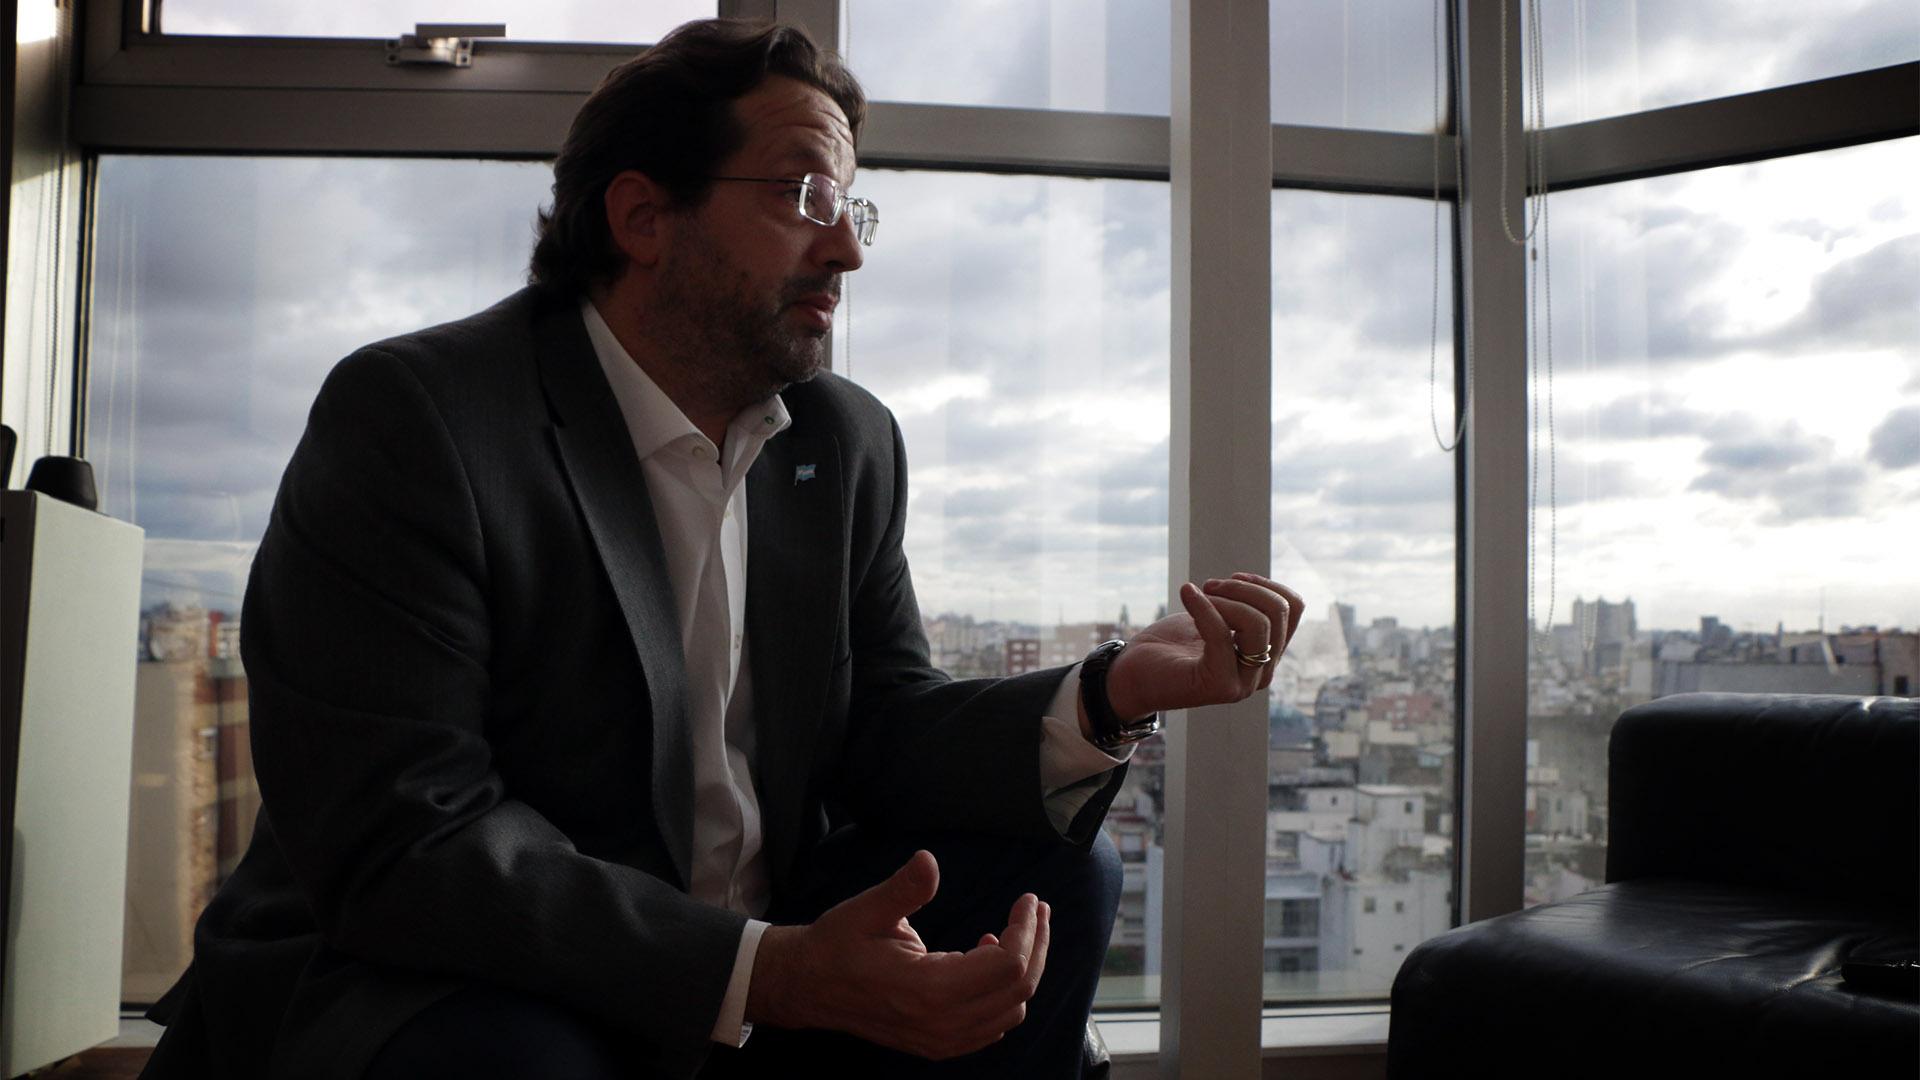 """Marco Lavagna, el economista y diputado del espacio que conduce Sergio Massa,sostiene que la idea monetarista de secar el mercado """"no funciona"""" (Lihue Althabe)"""